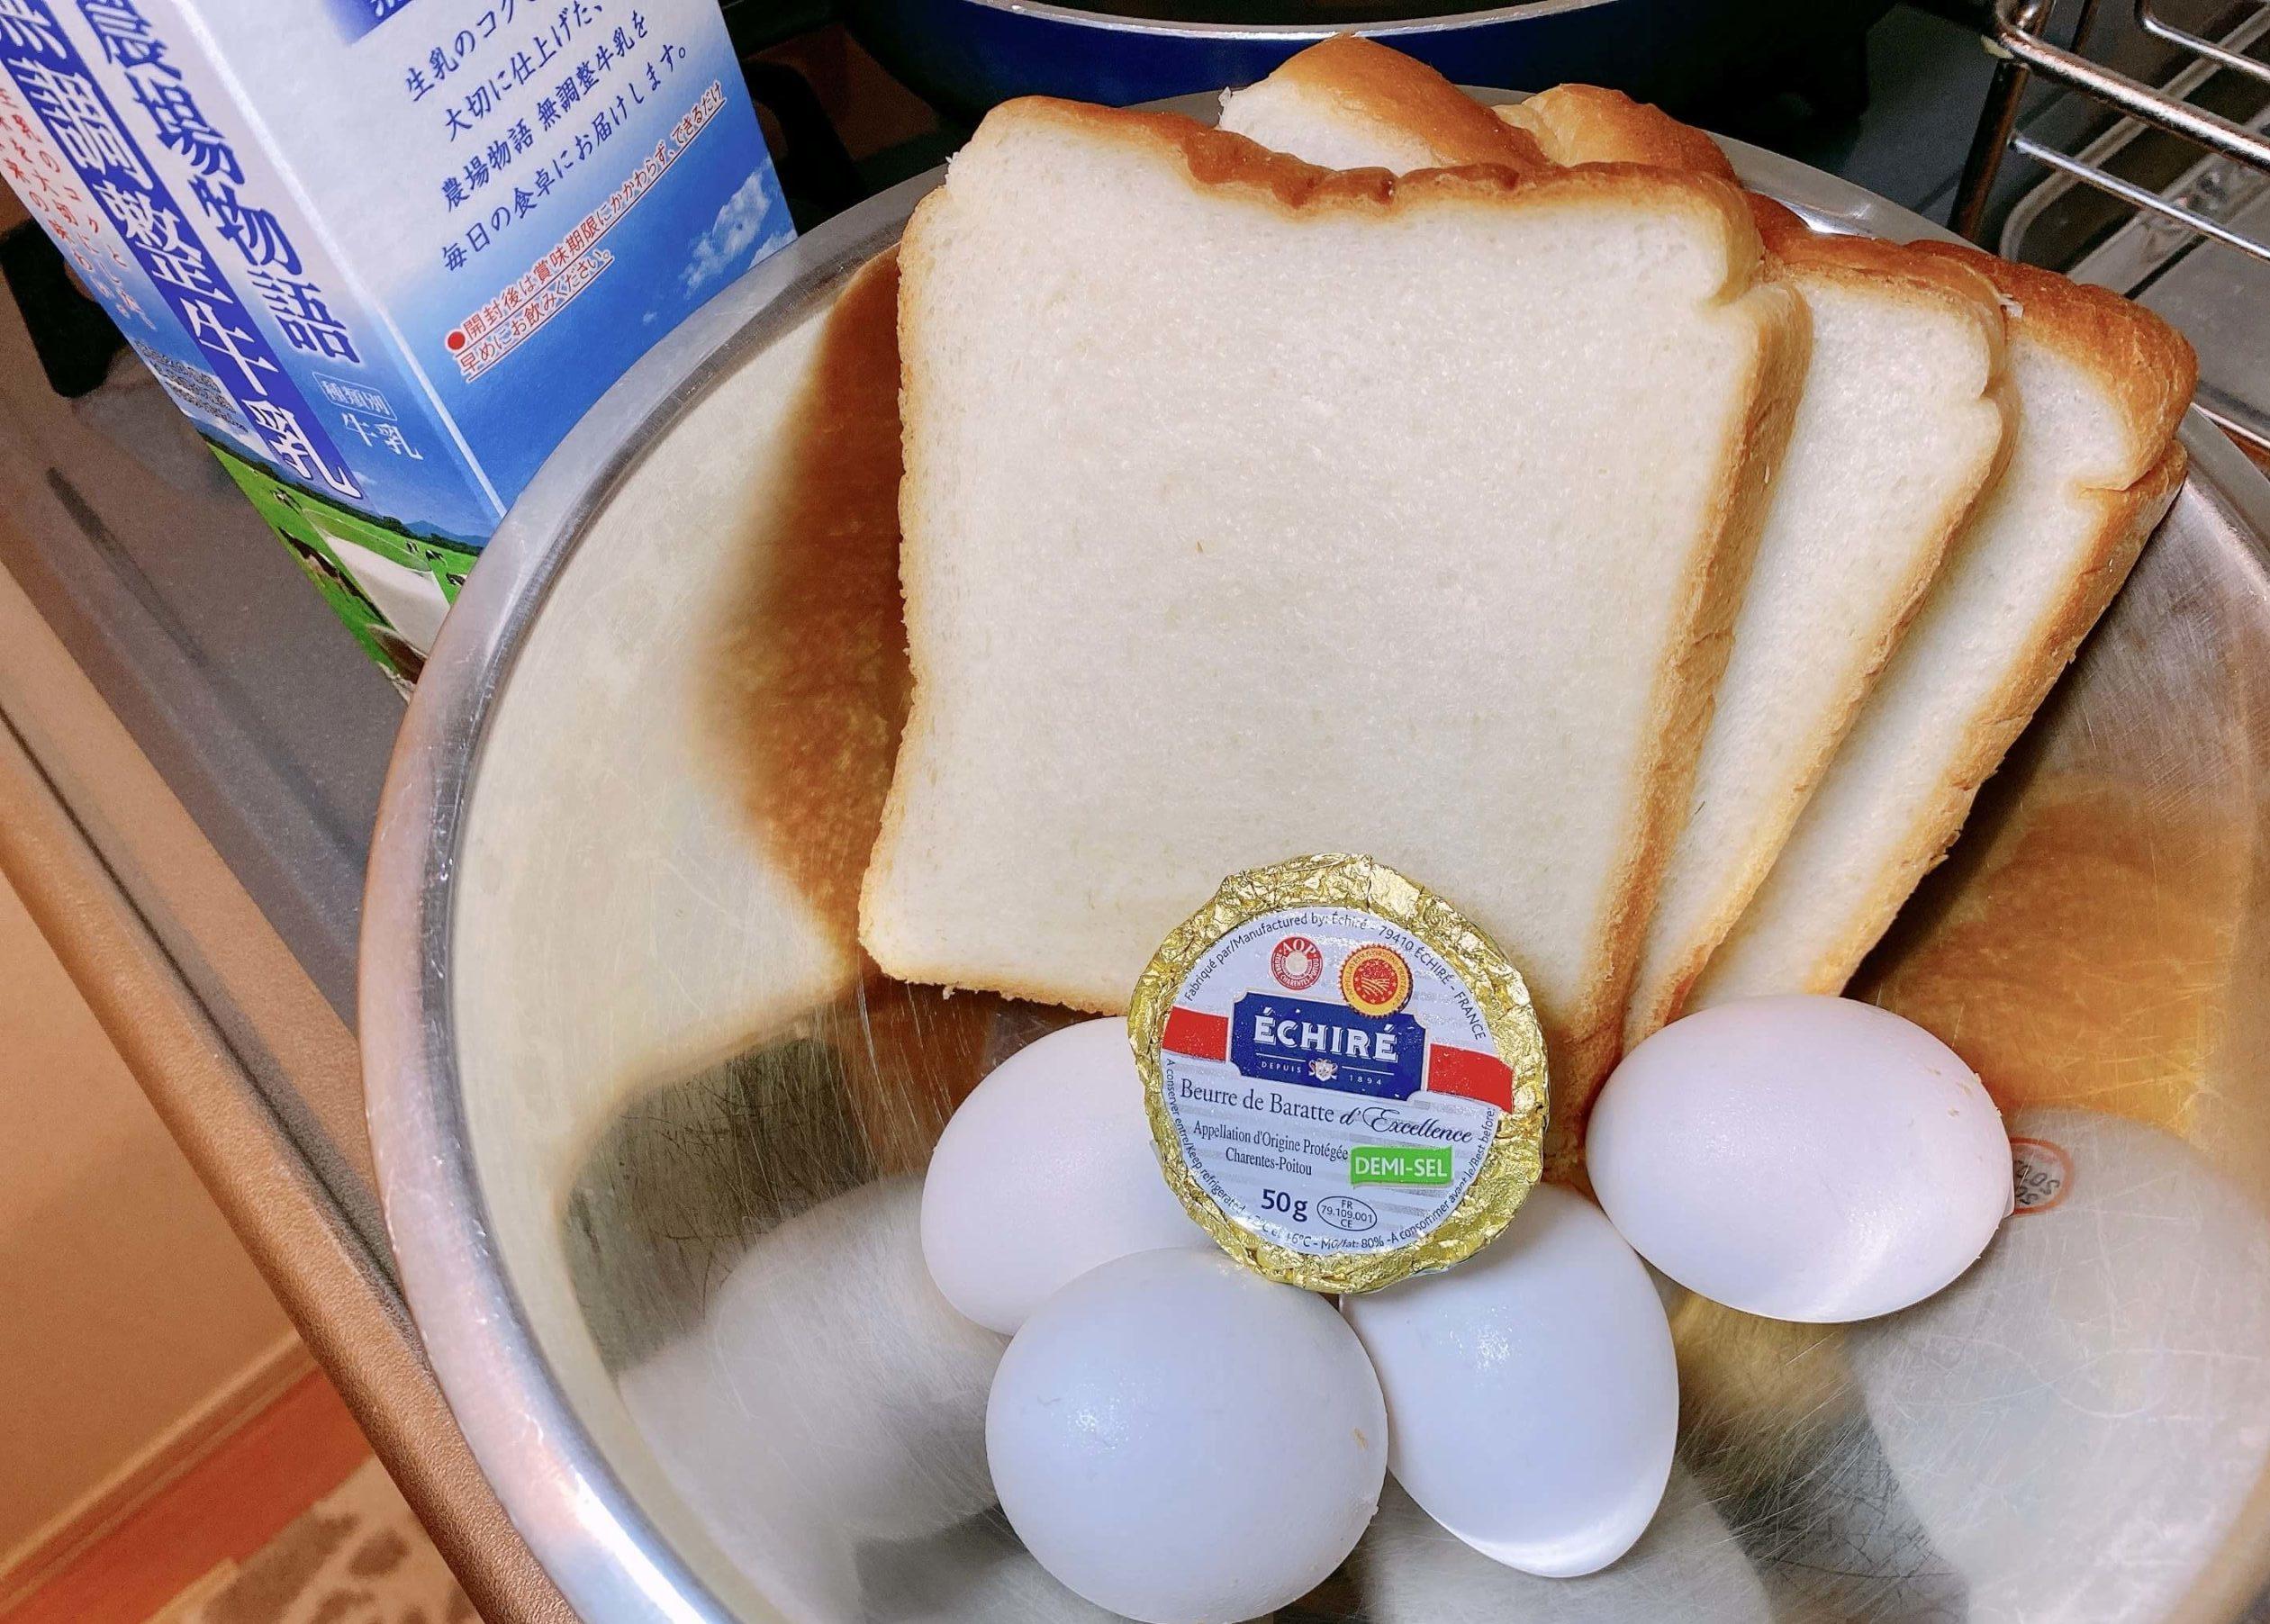 成城石井で購入したエシレバターで朝食を作る